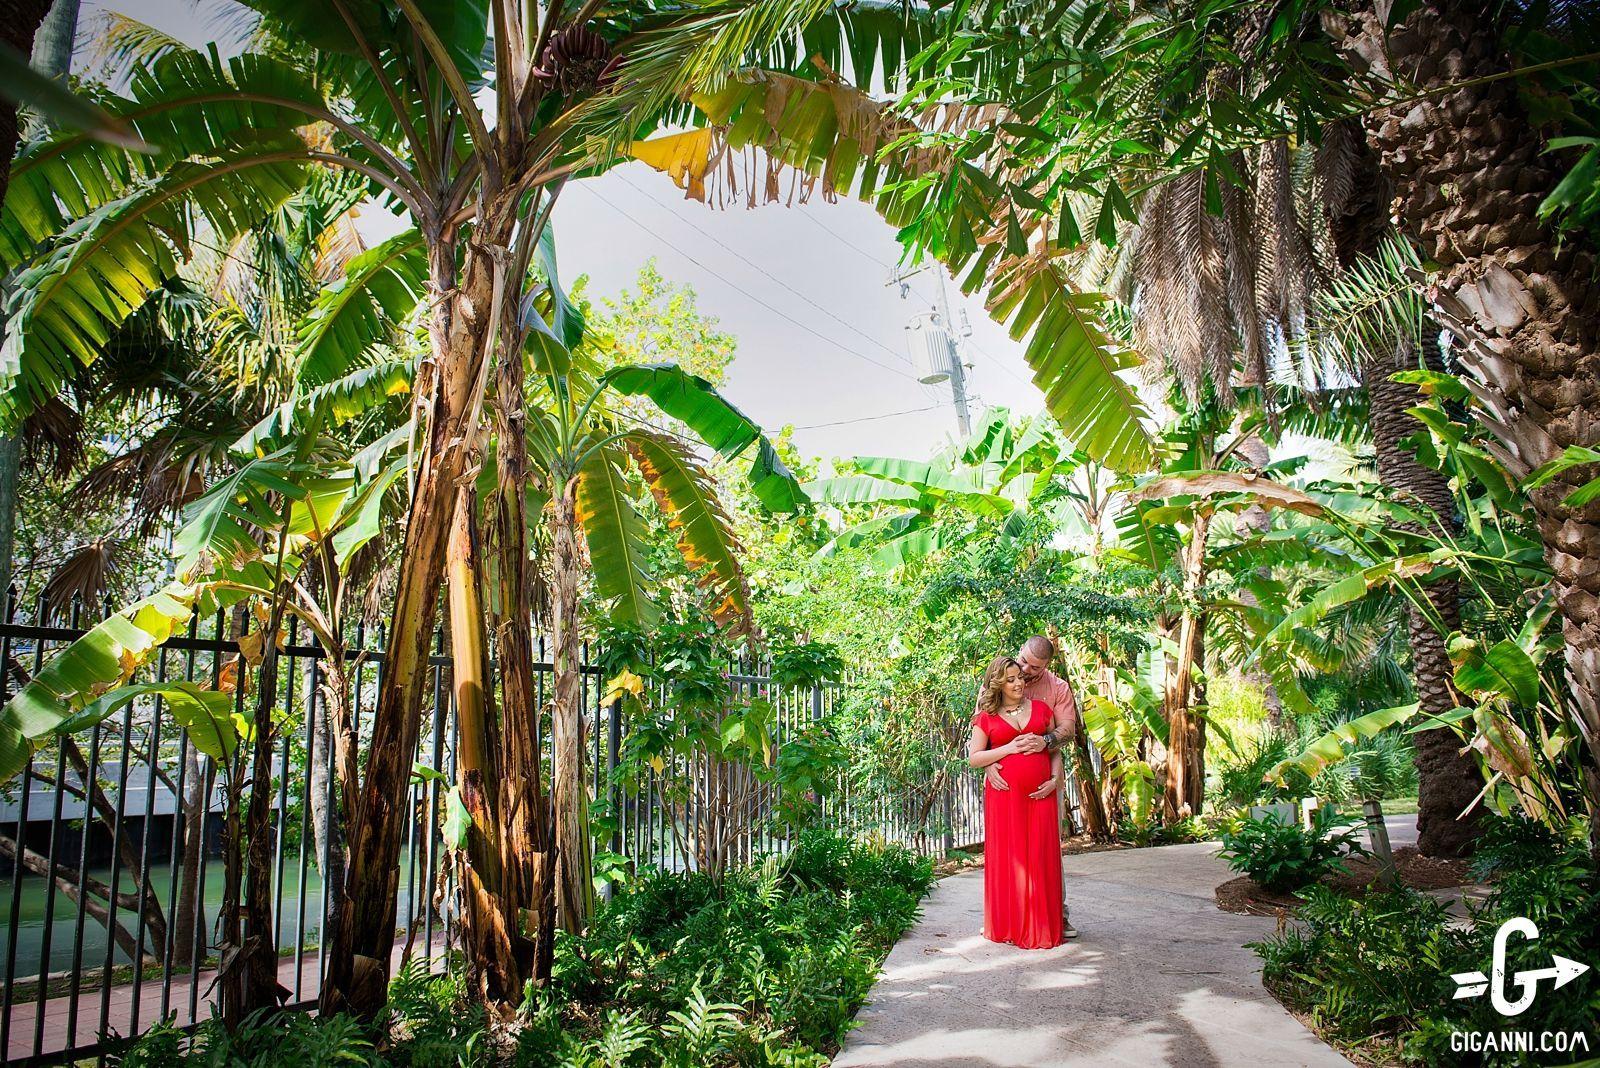 Miami Beach Botanical Garden MaternityPhotos   Miami Beach Botanical ...